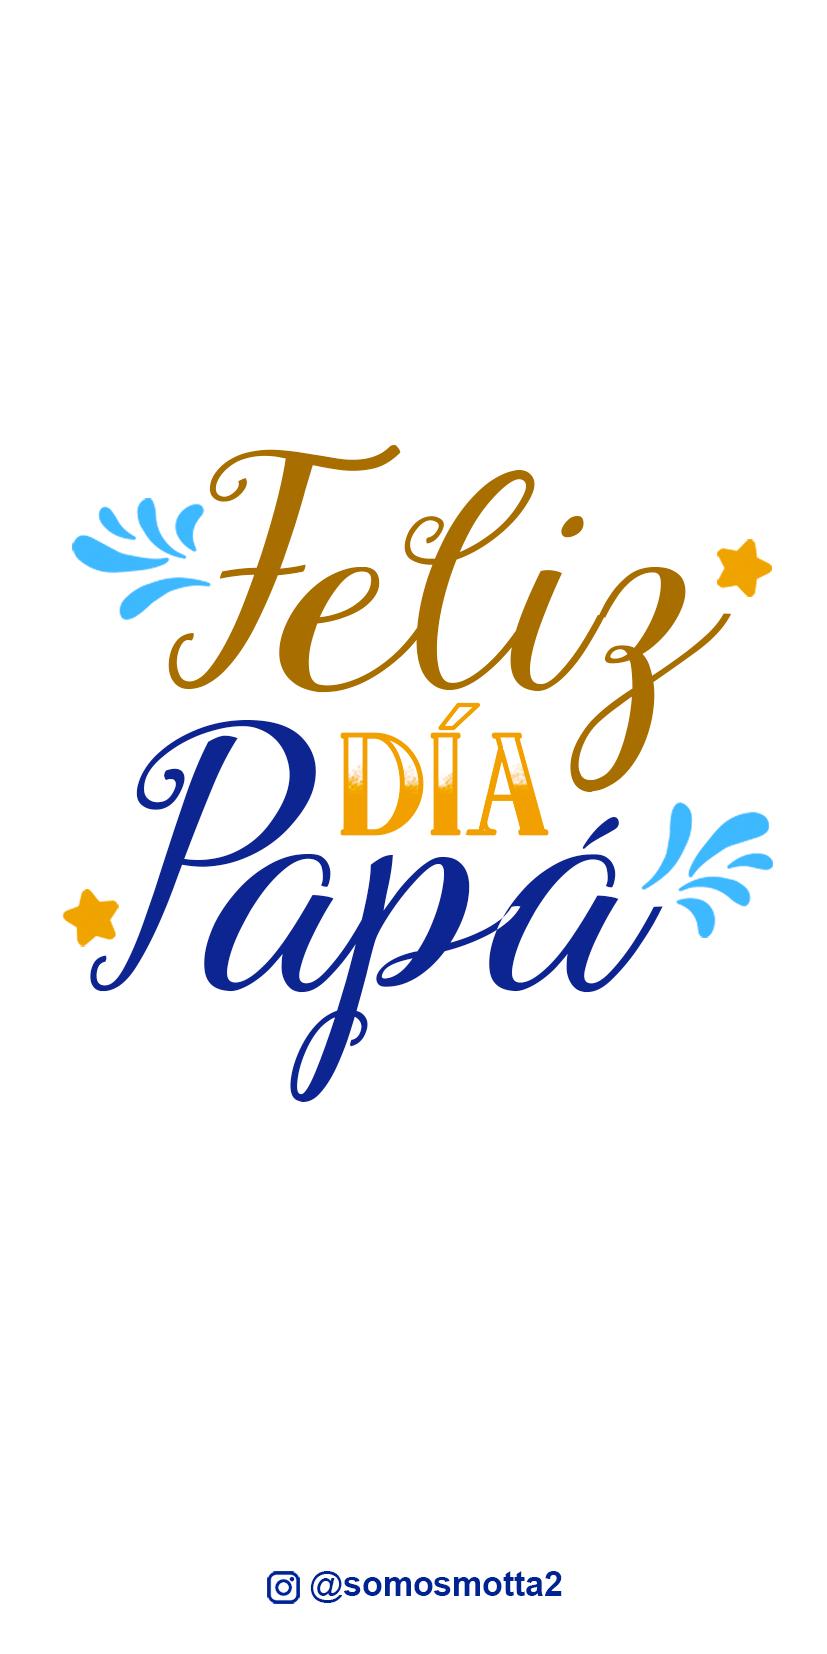 5 Fondos Para Historias Mensajes De Dios Para Un Padre Imagenes De Feliz Dia Del Padre Felicitaciones Dia Del Padre Carteles Dia Del Padre